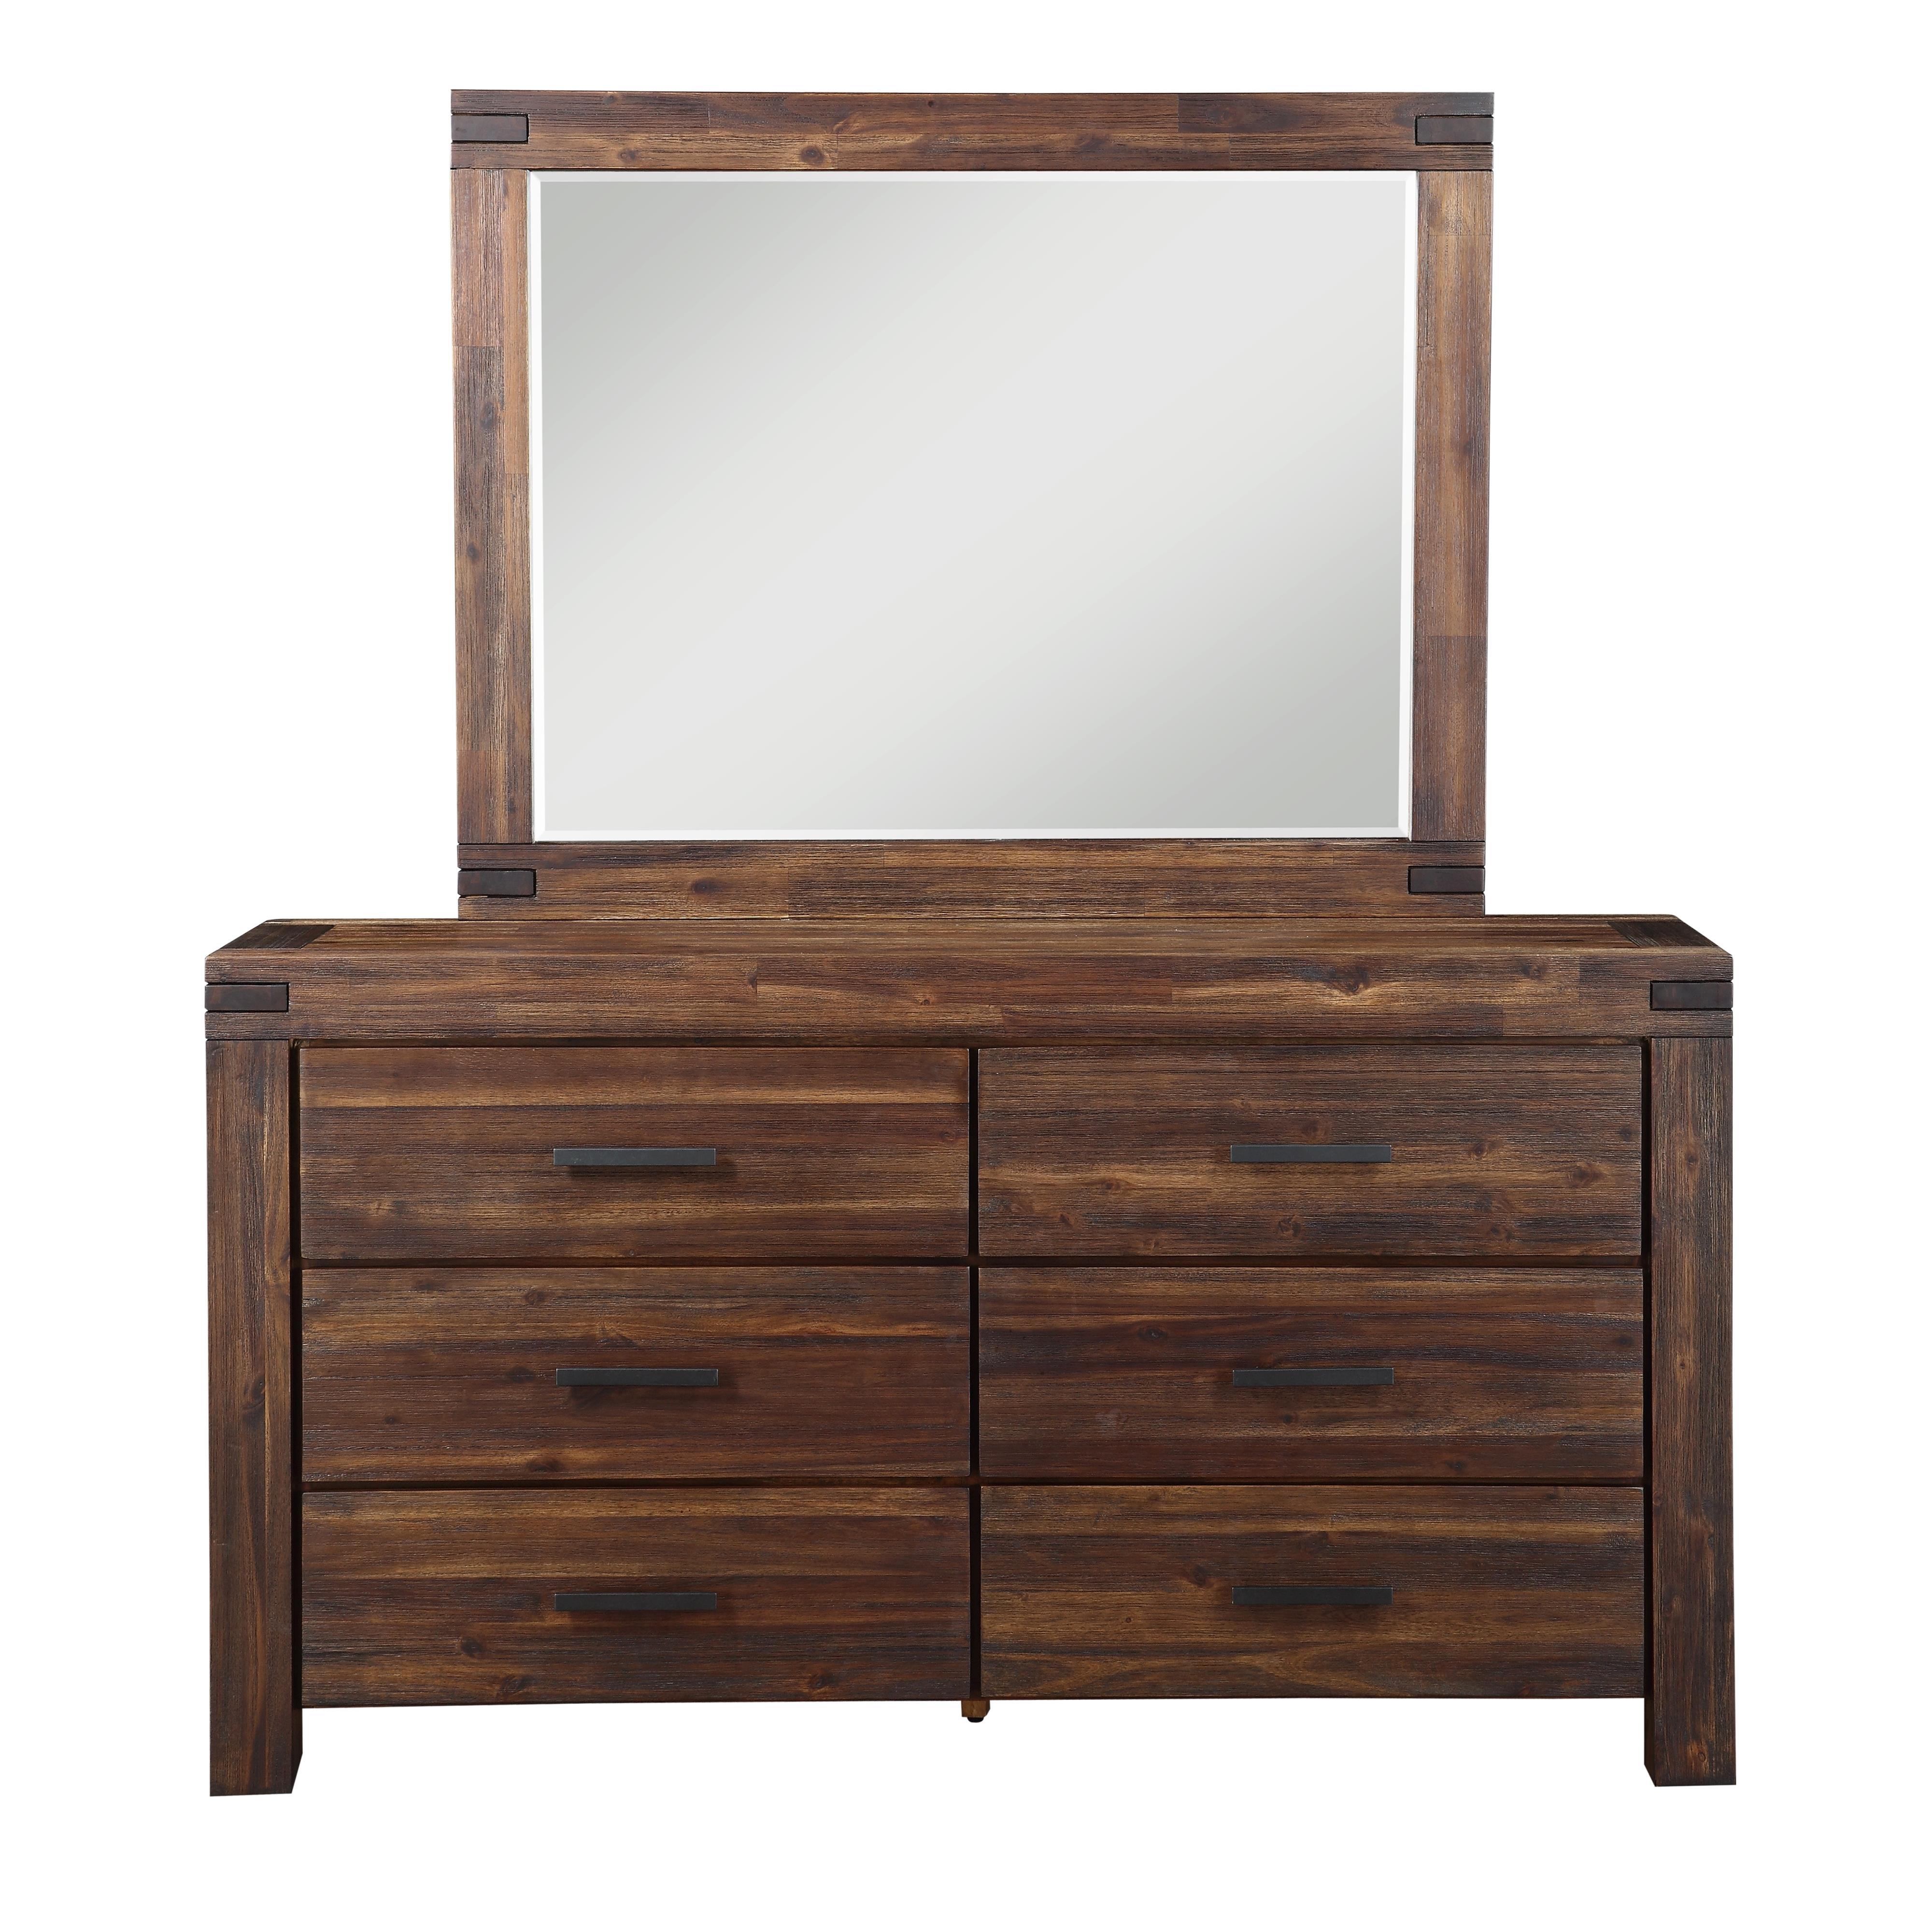 Modus International Camden Fields Dresser and Mirror Combo - Item Number: B41-D + B41-M